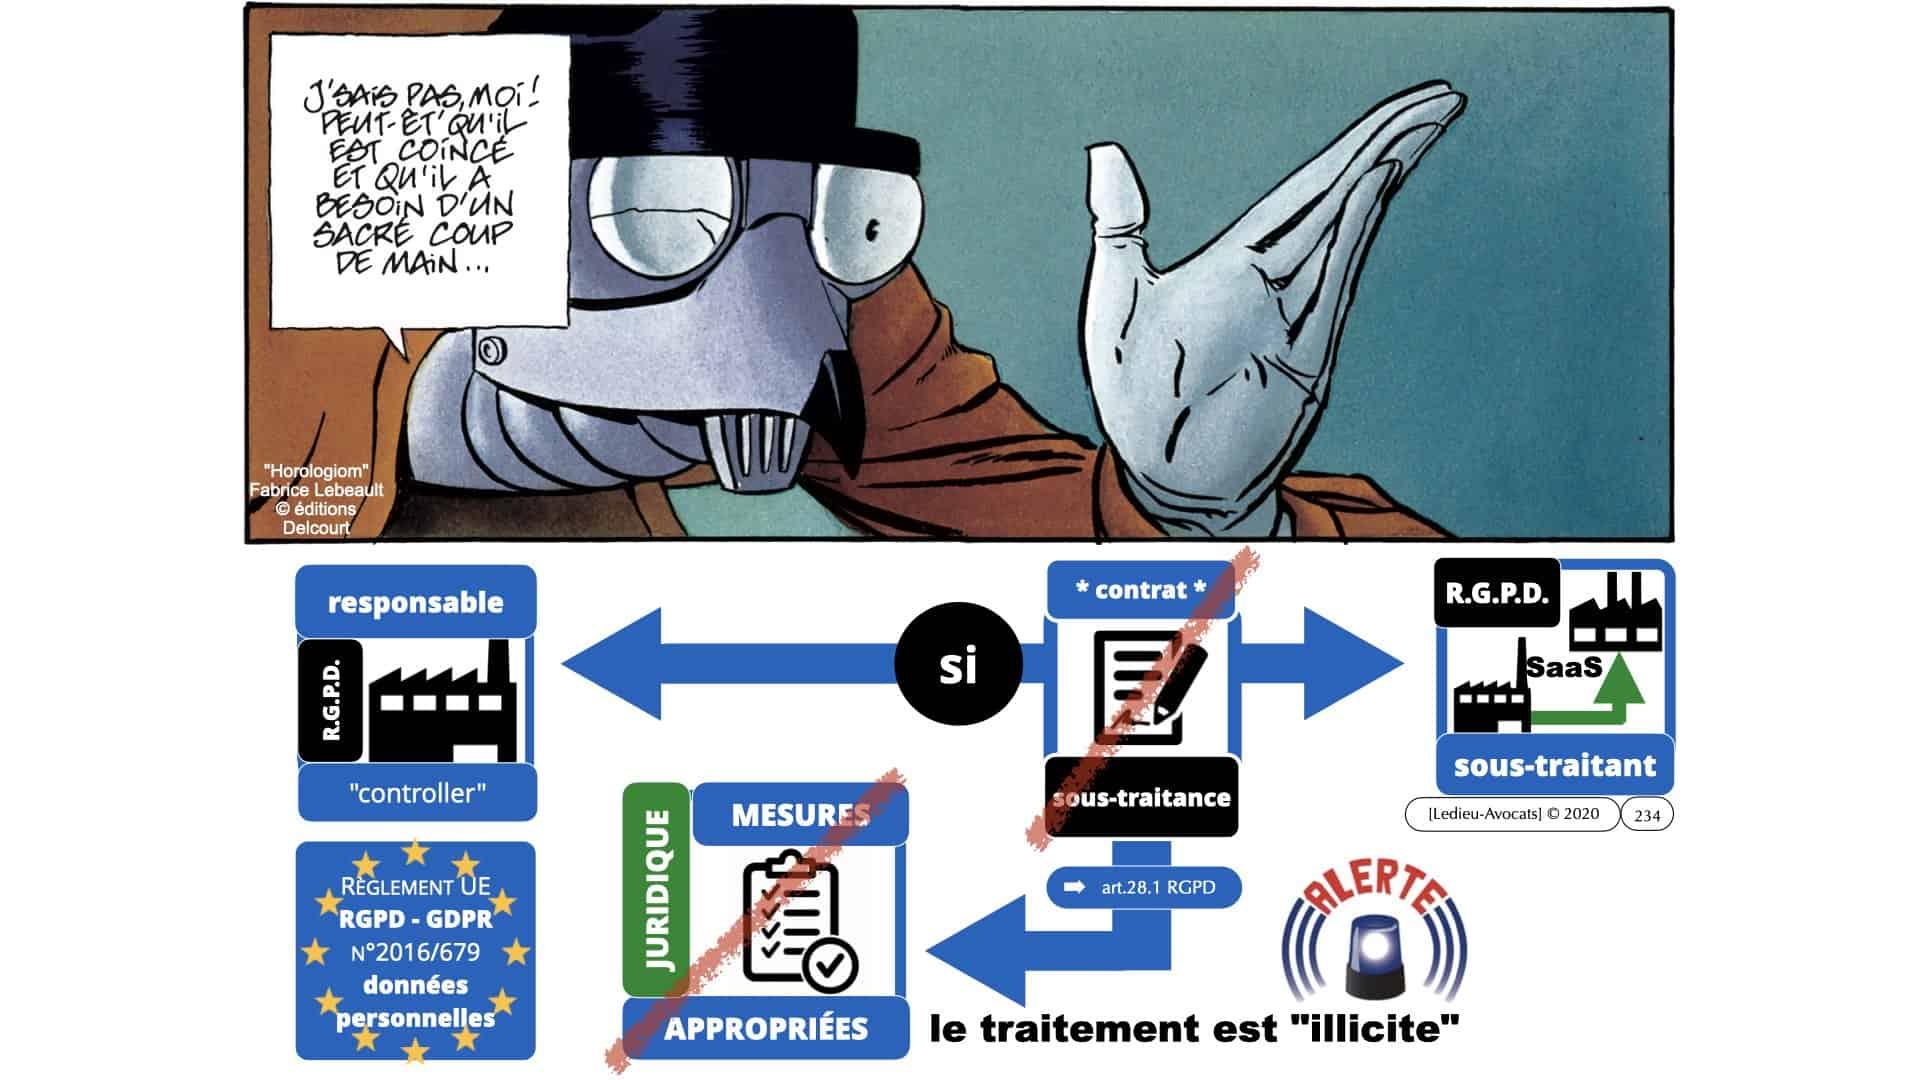 RGPD e-Privacy données personnelles jurisprudence formation Lamy Les Echos 10-02-2021 ©Ledieu-Avocats.234